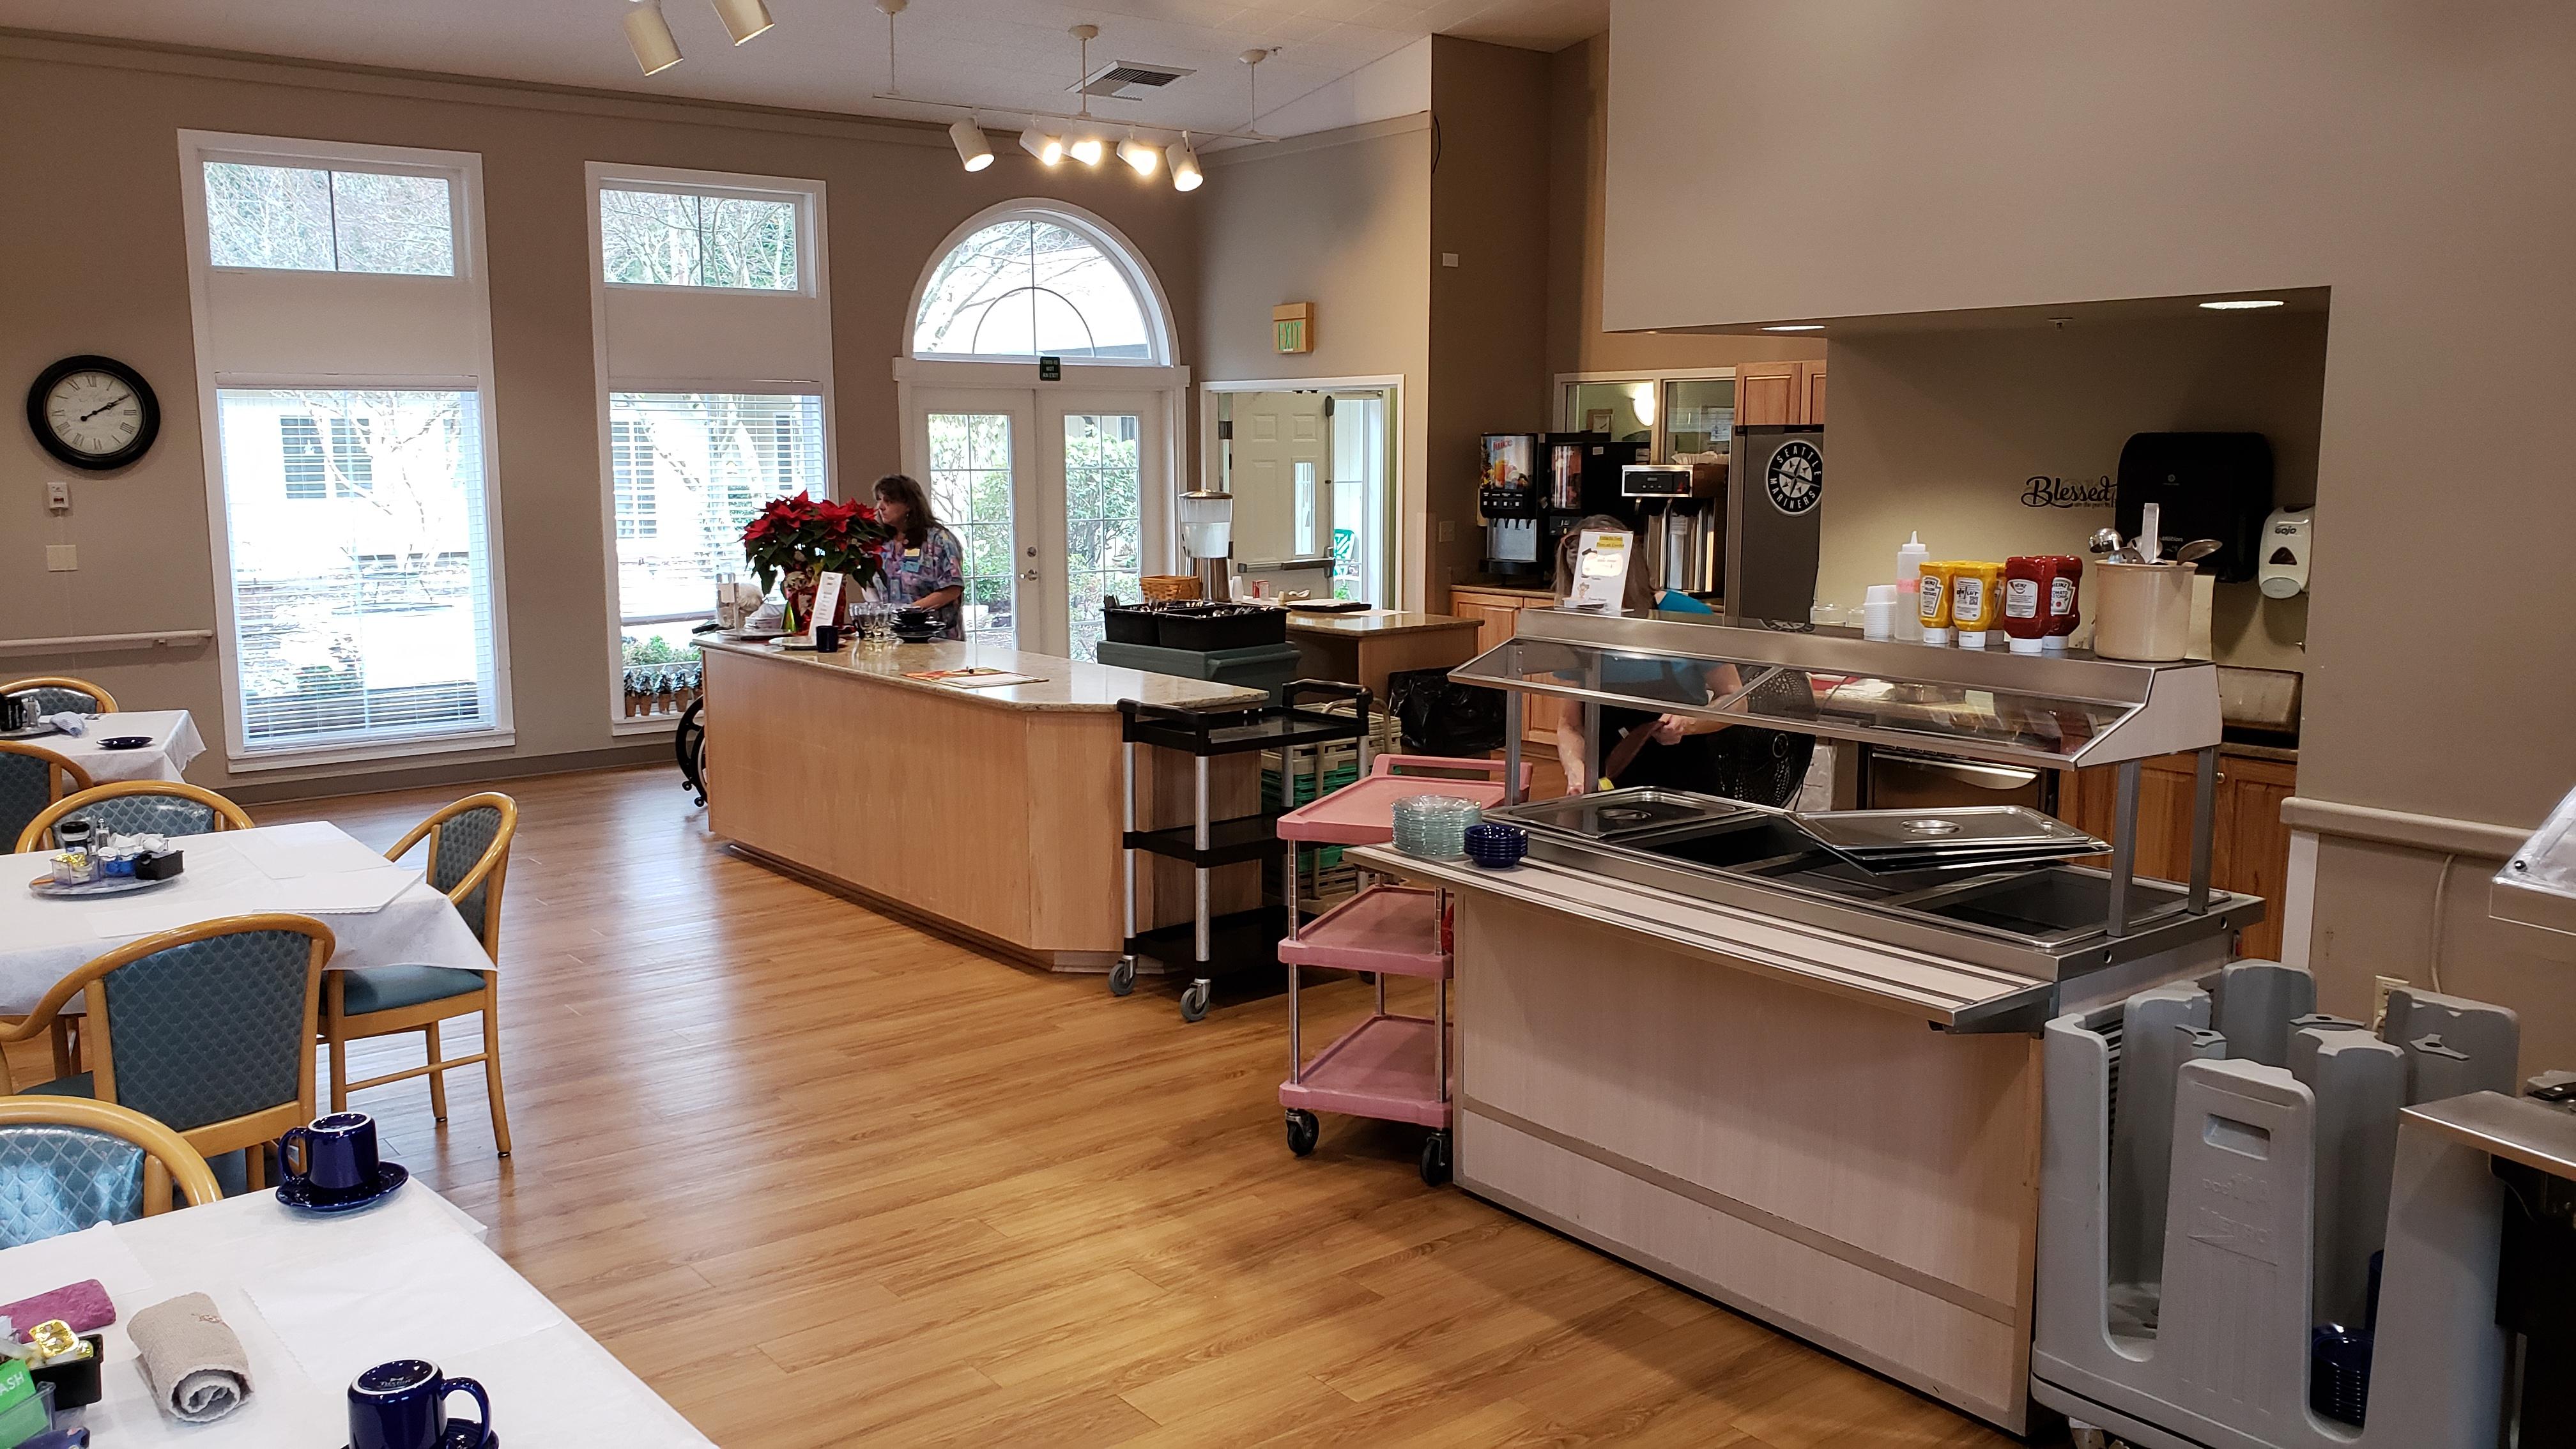 Cedar court dining room